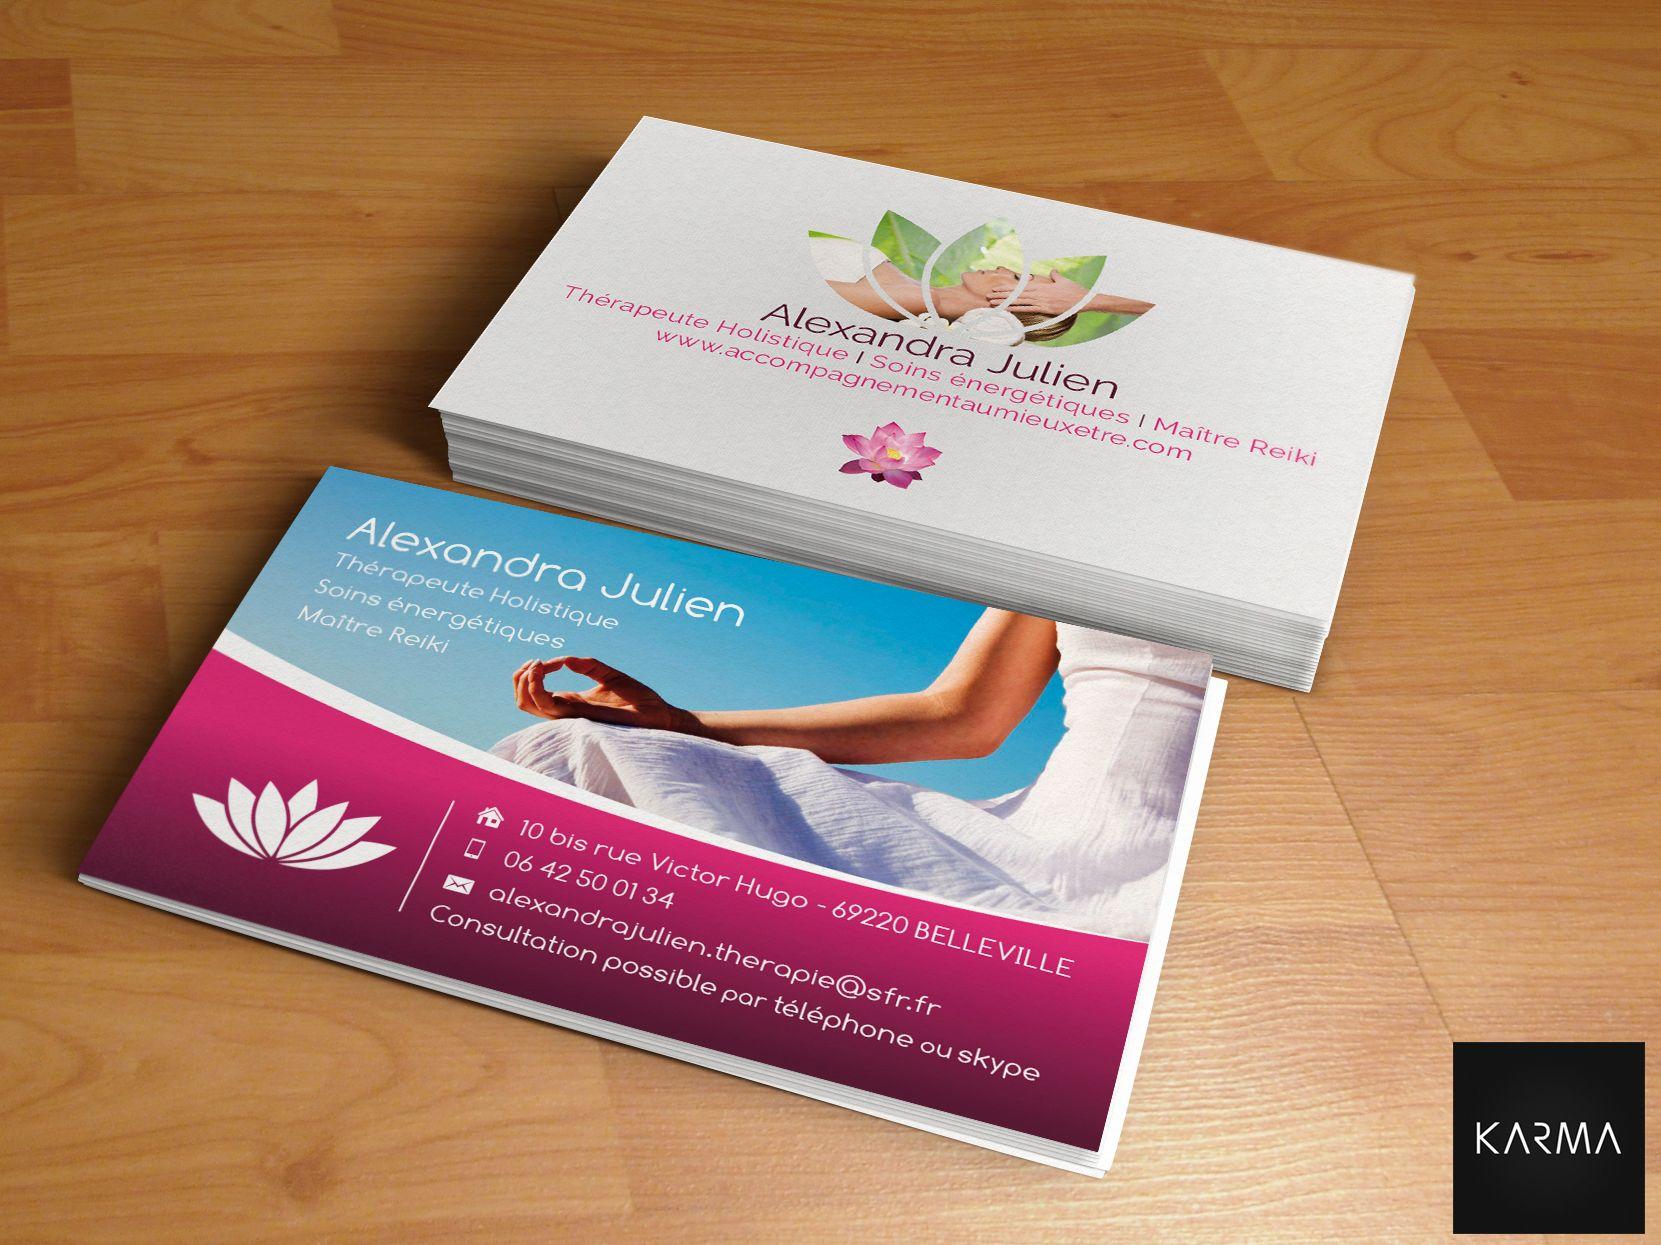 Business Card Design For Alexandra Julien Creation Carte De Visite Pour Therapeute Holistique I Soins Energetiques Maitre Reiki Retrouvez